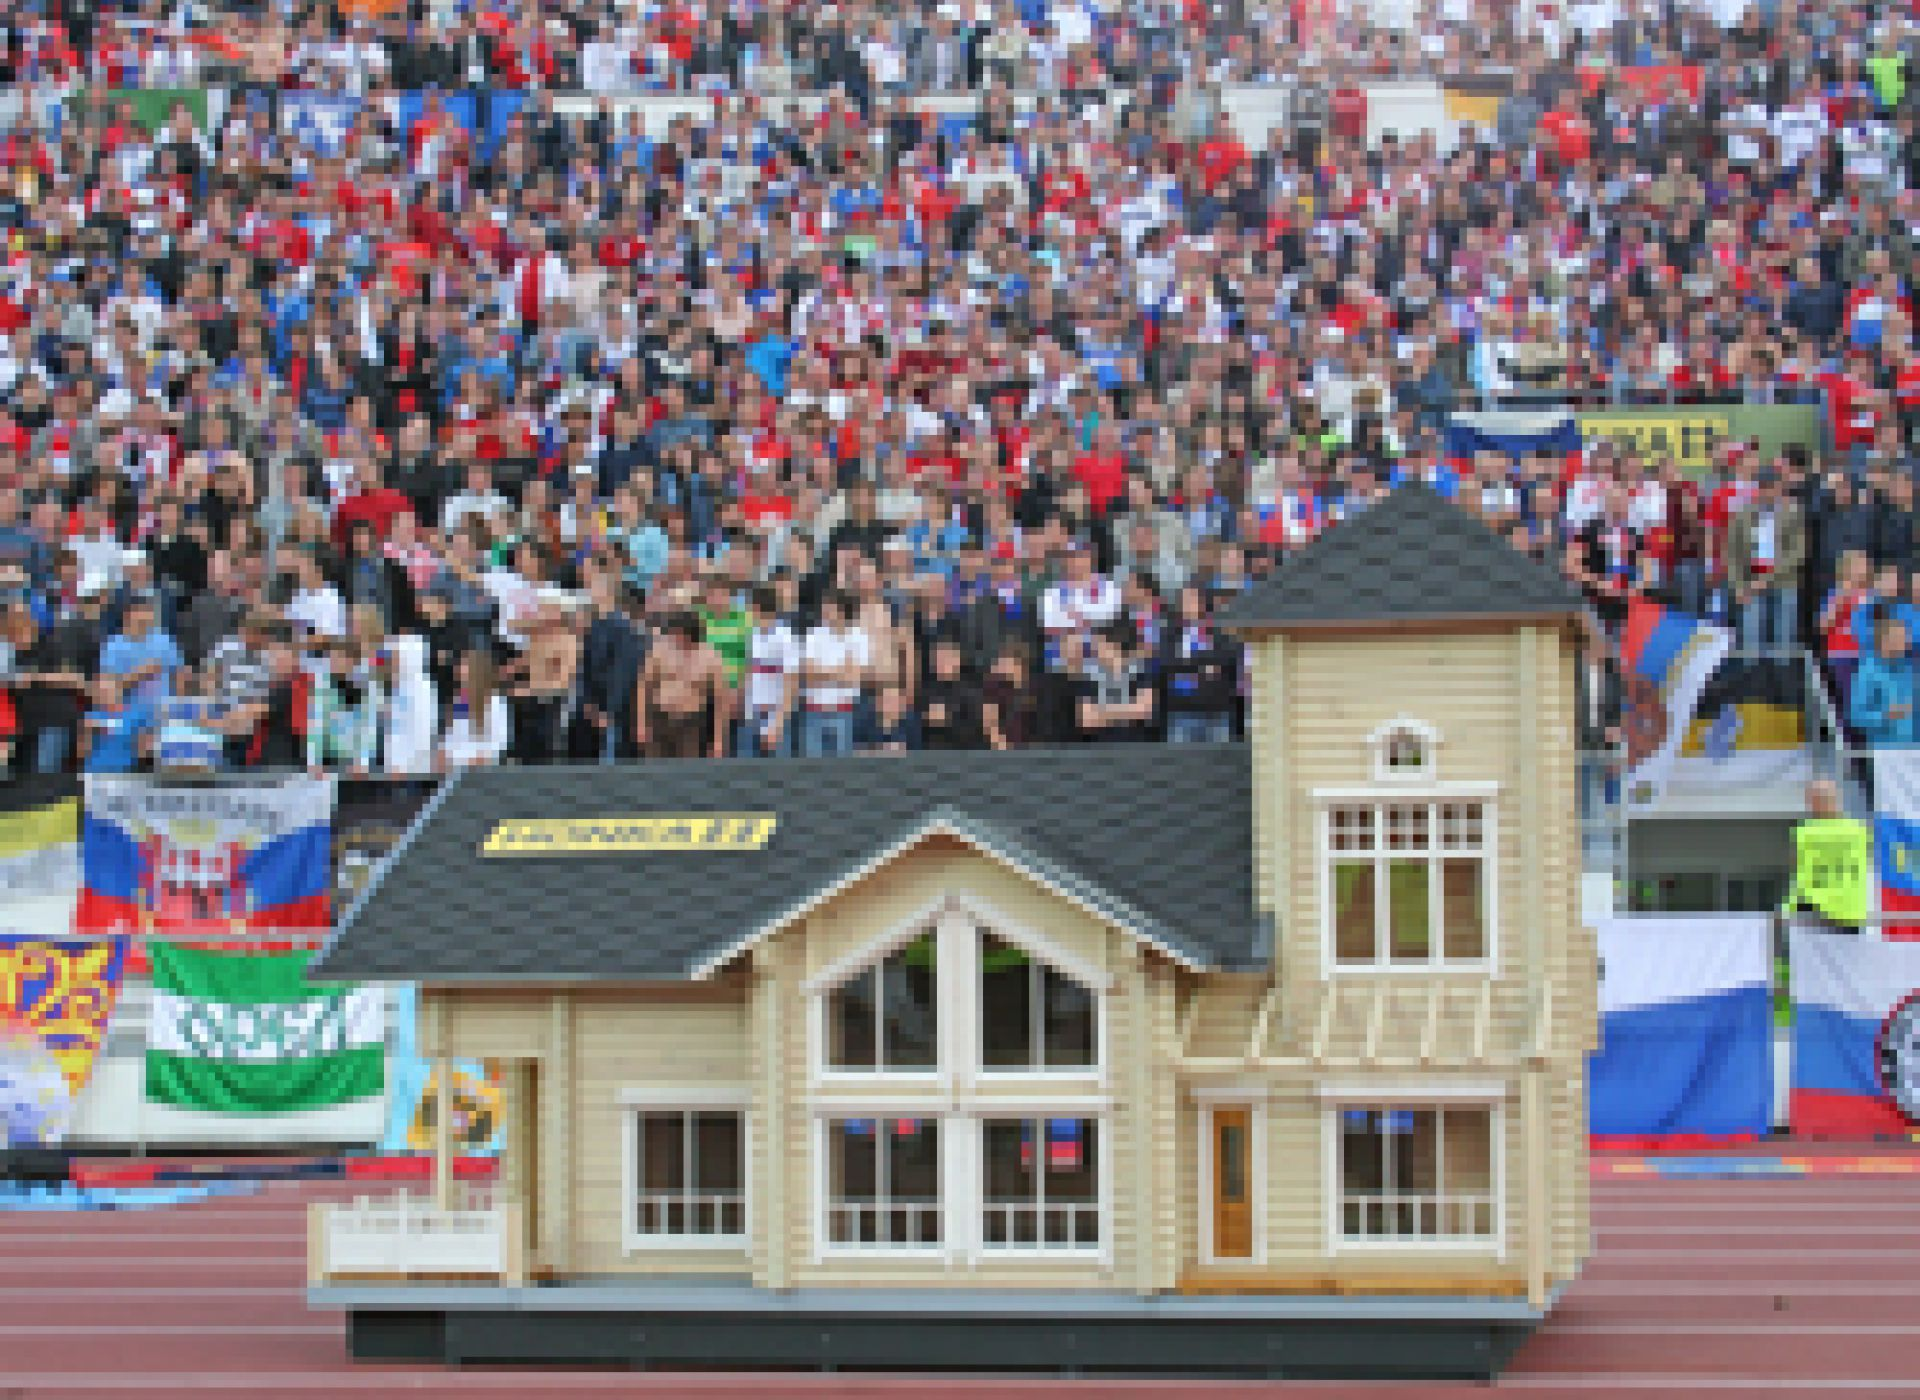 Компания HONKA — официальный партнер Финского футбольного союза во время отборочного матча чемпионата мира-2010 по футболу между сборными России и Финляндии